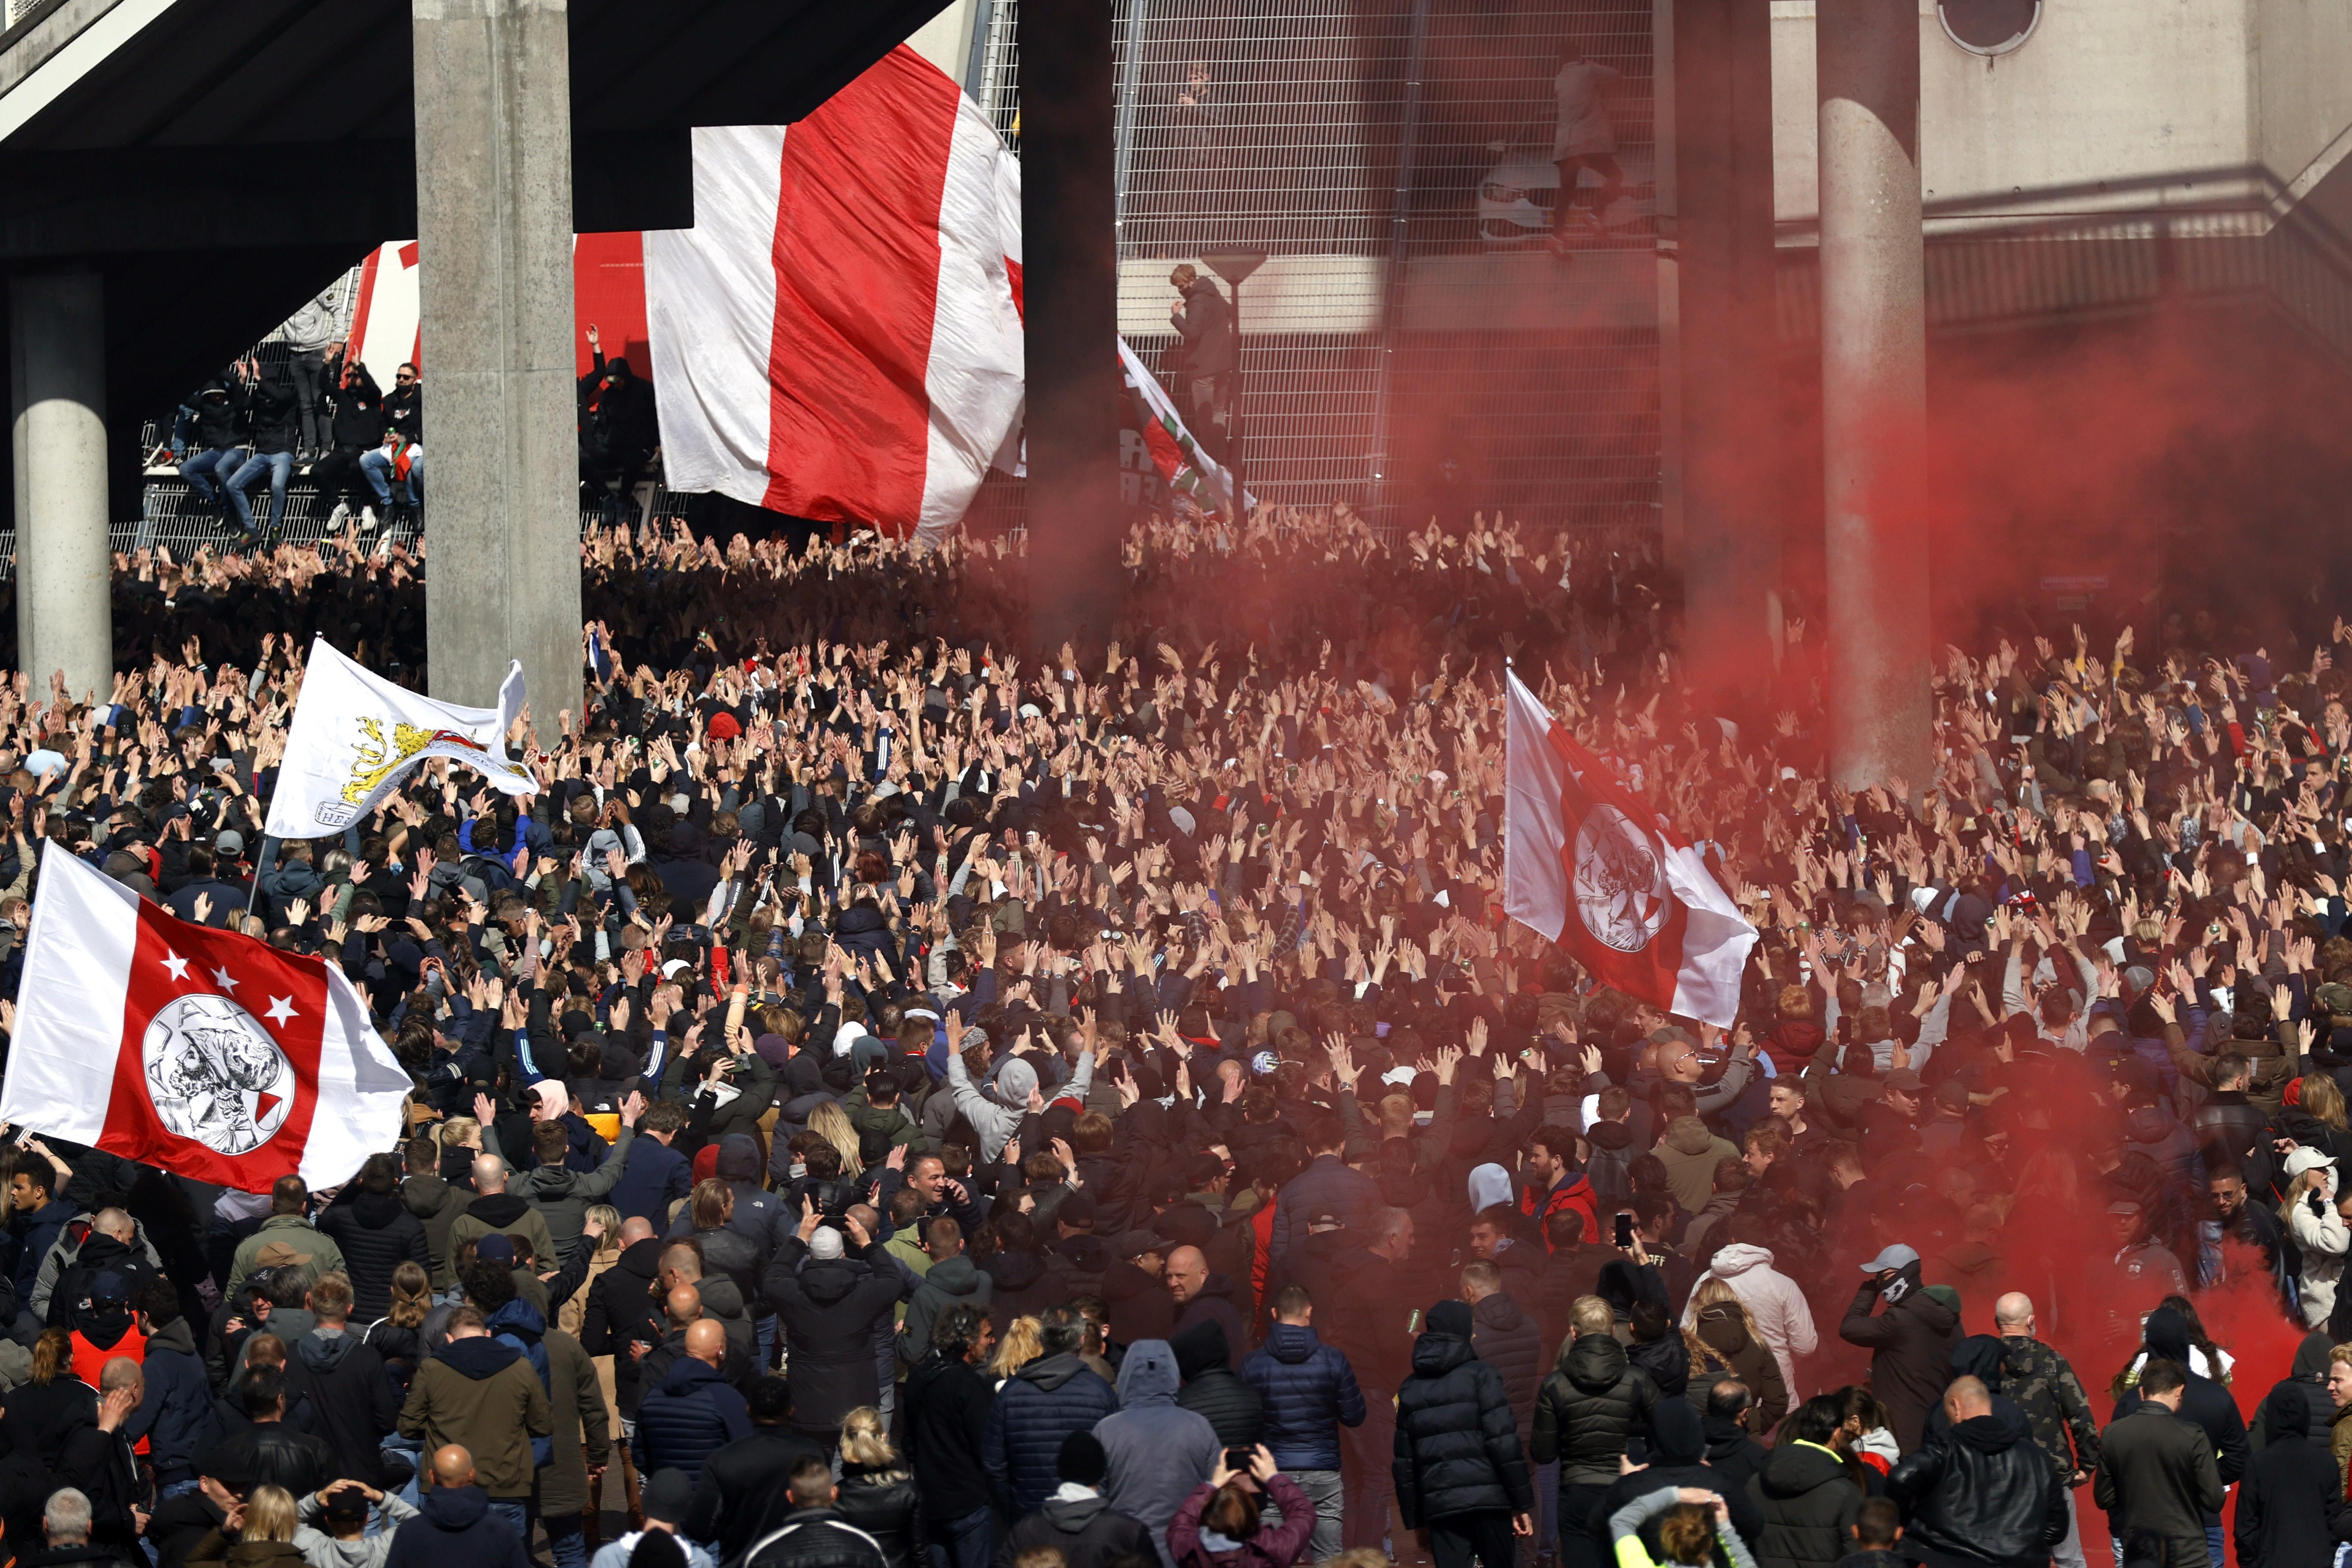 Ajax verslaat FC Emmen en verovert voor 35e keer de landstitel. Spelers vieren landstitel met duizenden supporters [video]